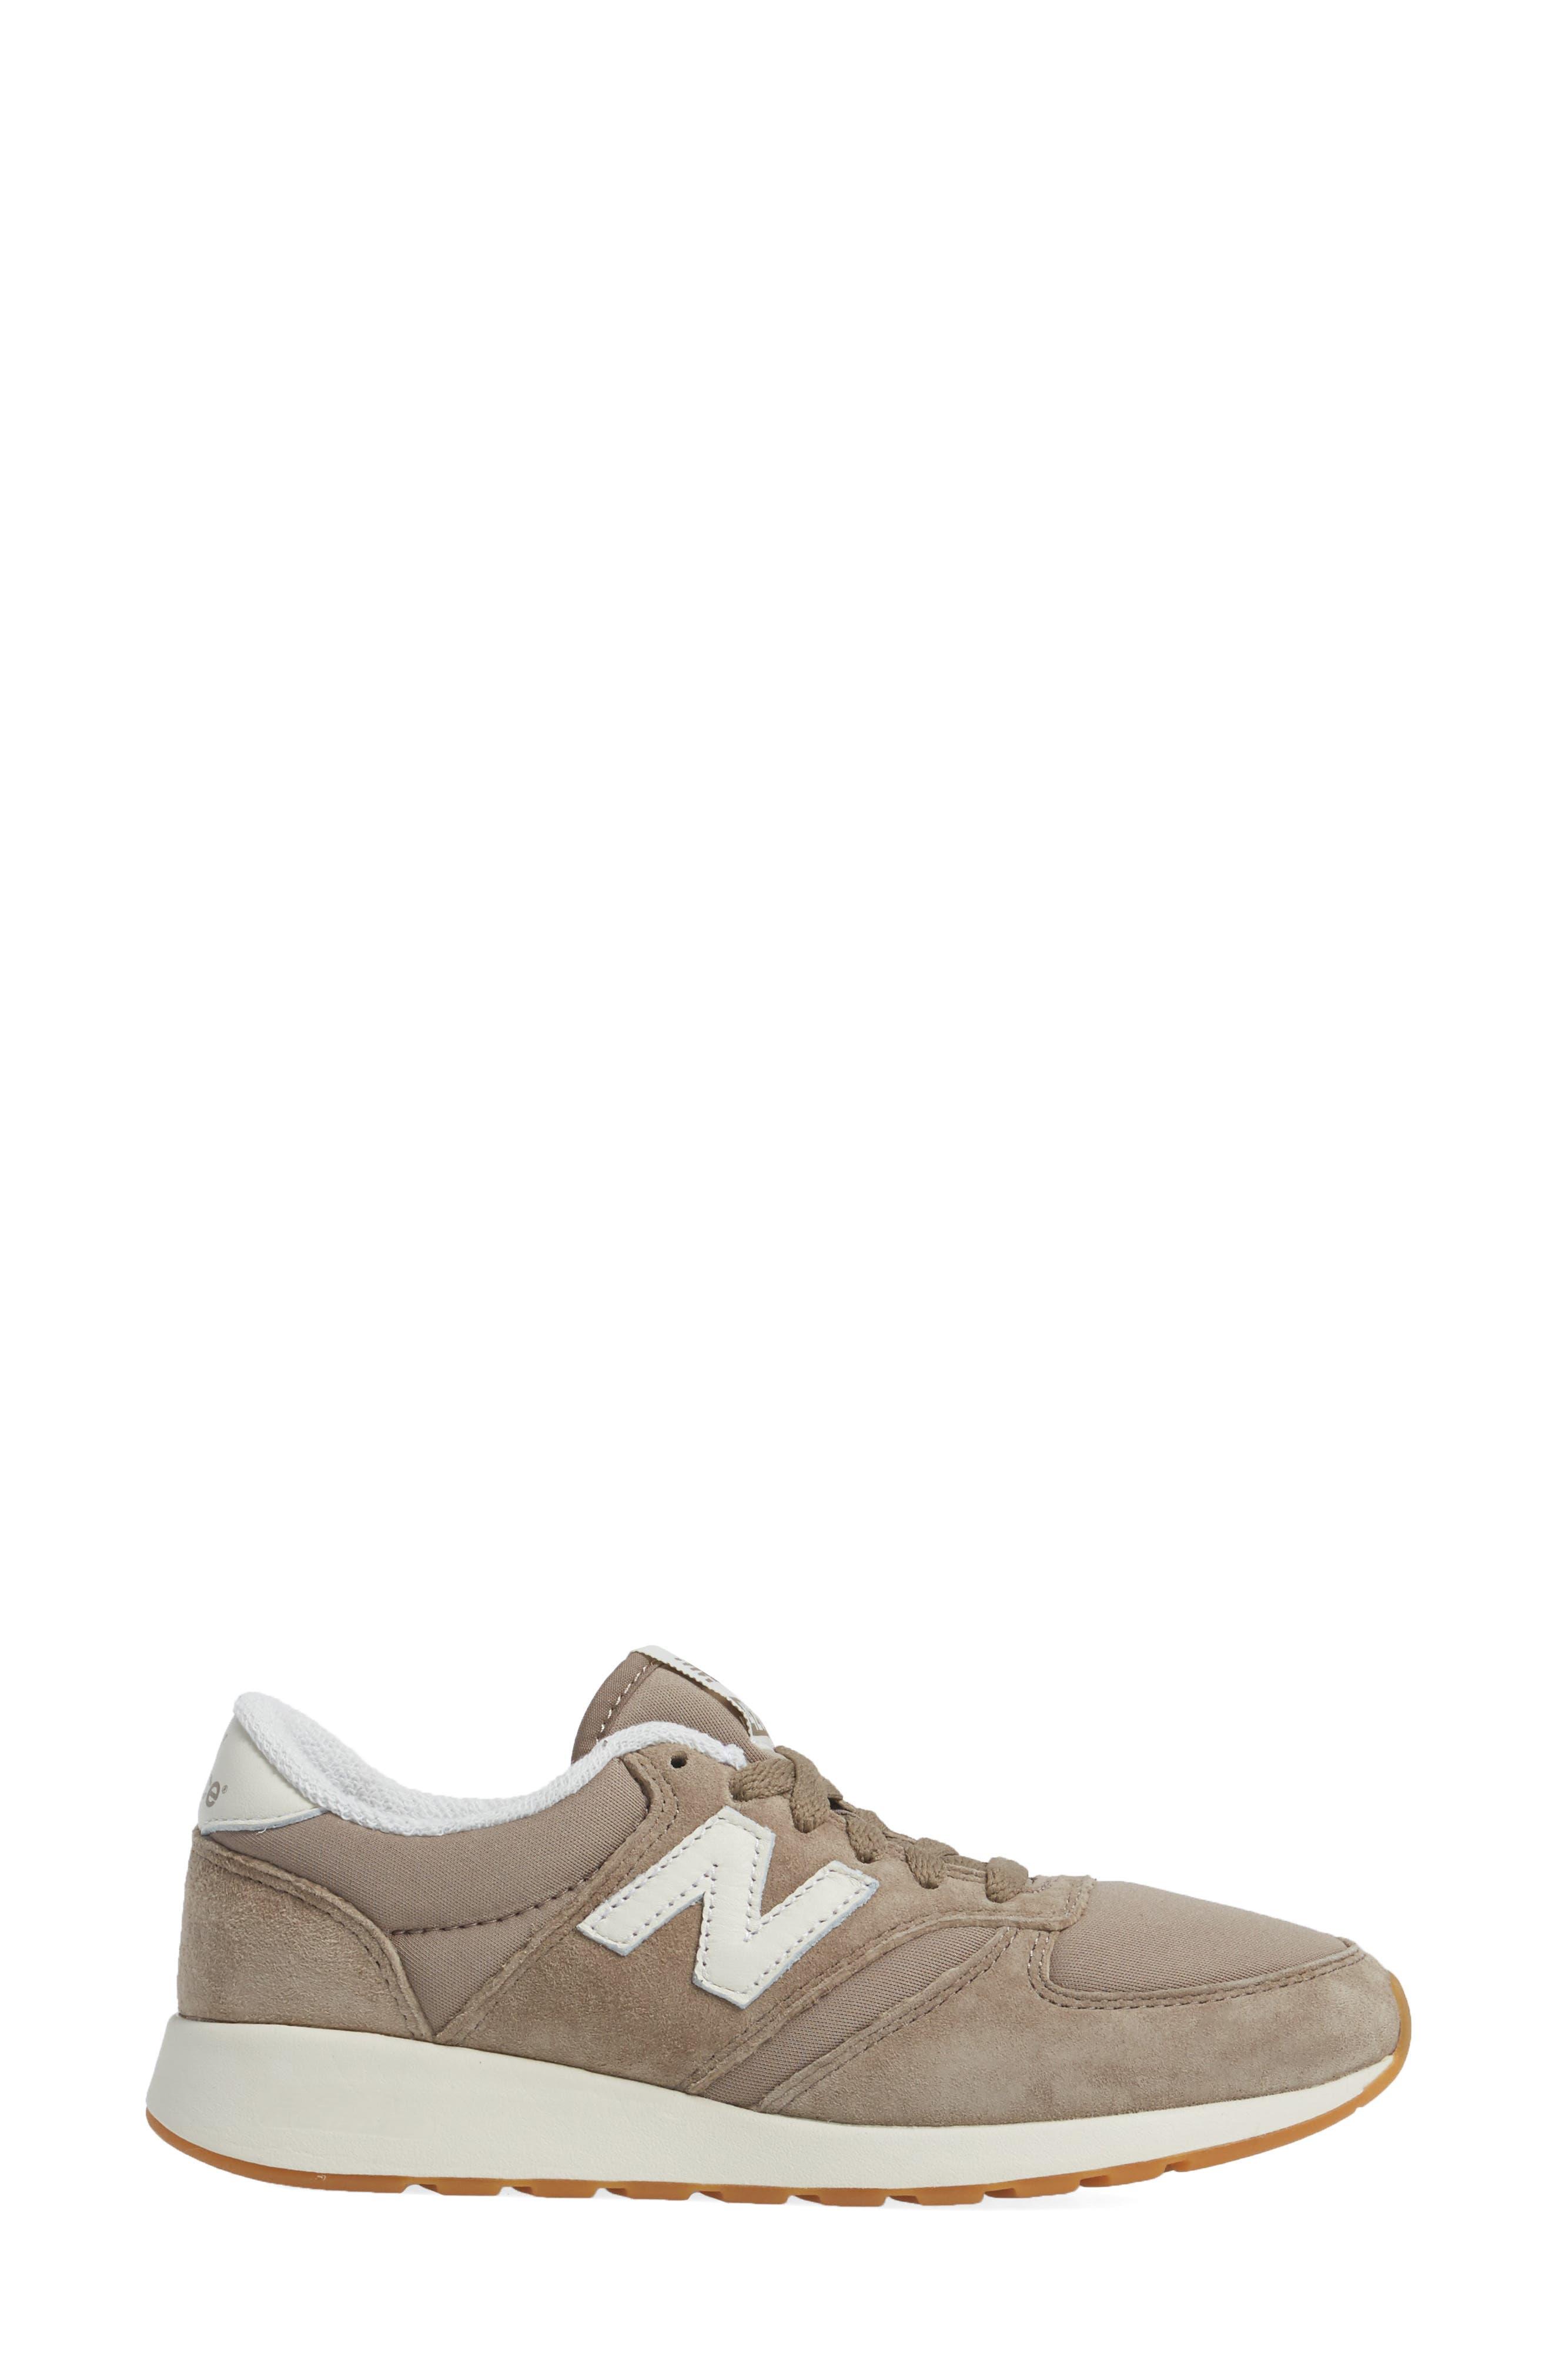 '420' Sneaker,                             Alternate thumbnail 53, color,